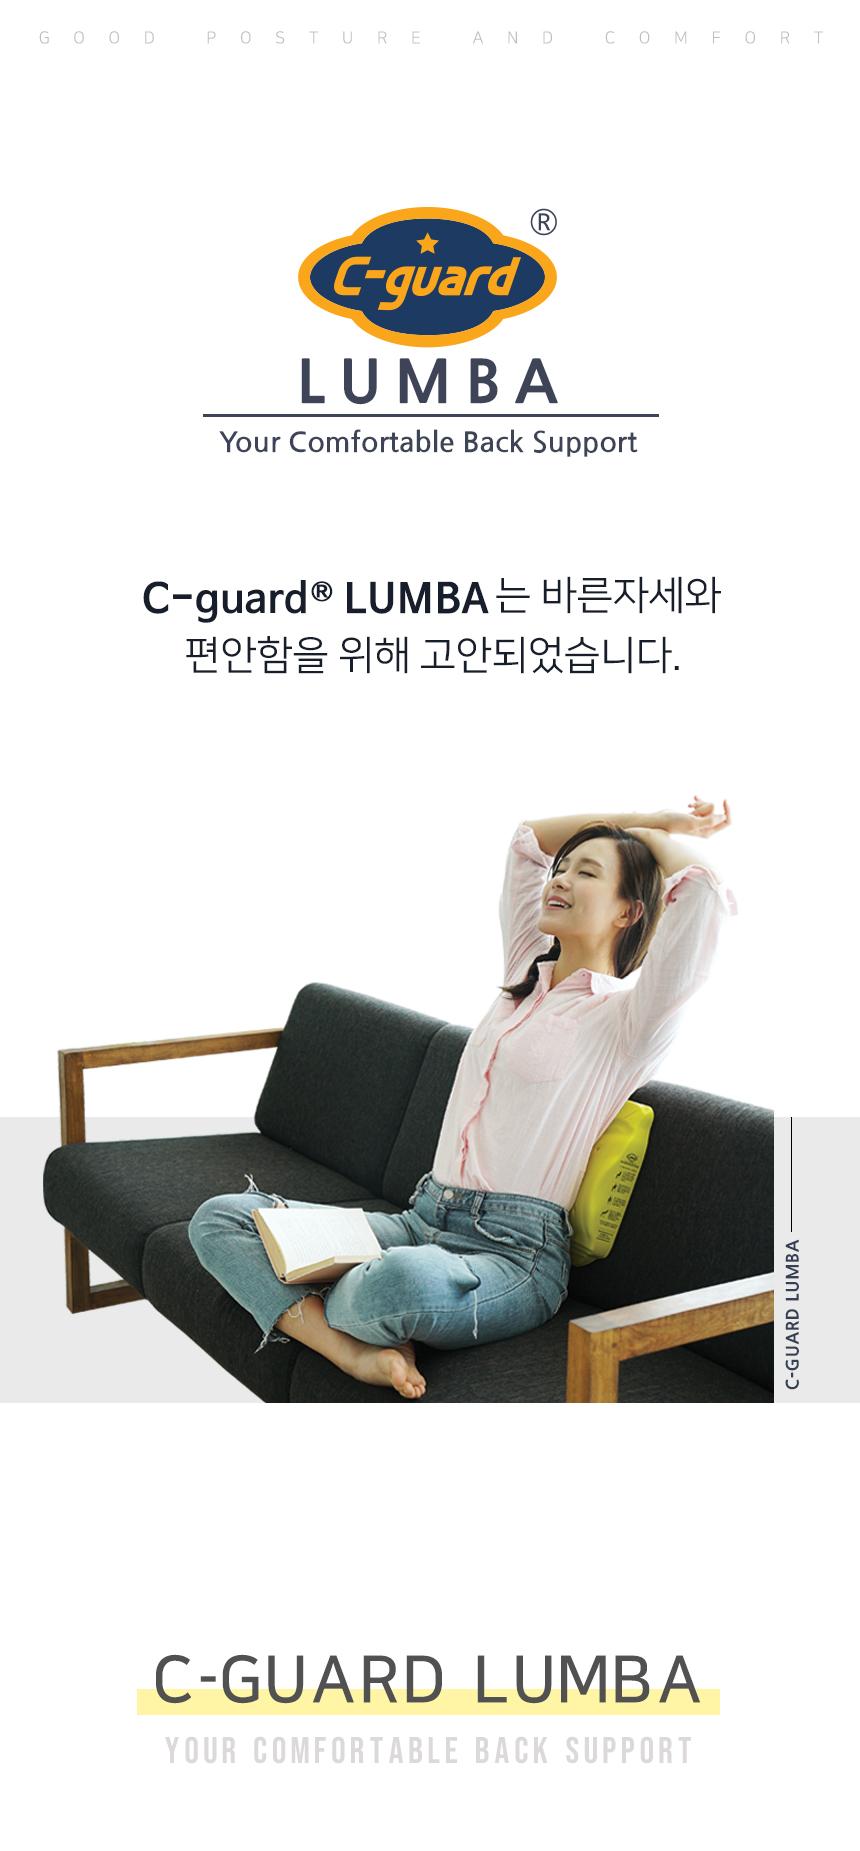 lumba_detail_1.jpg